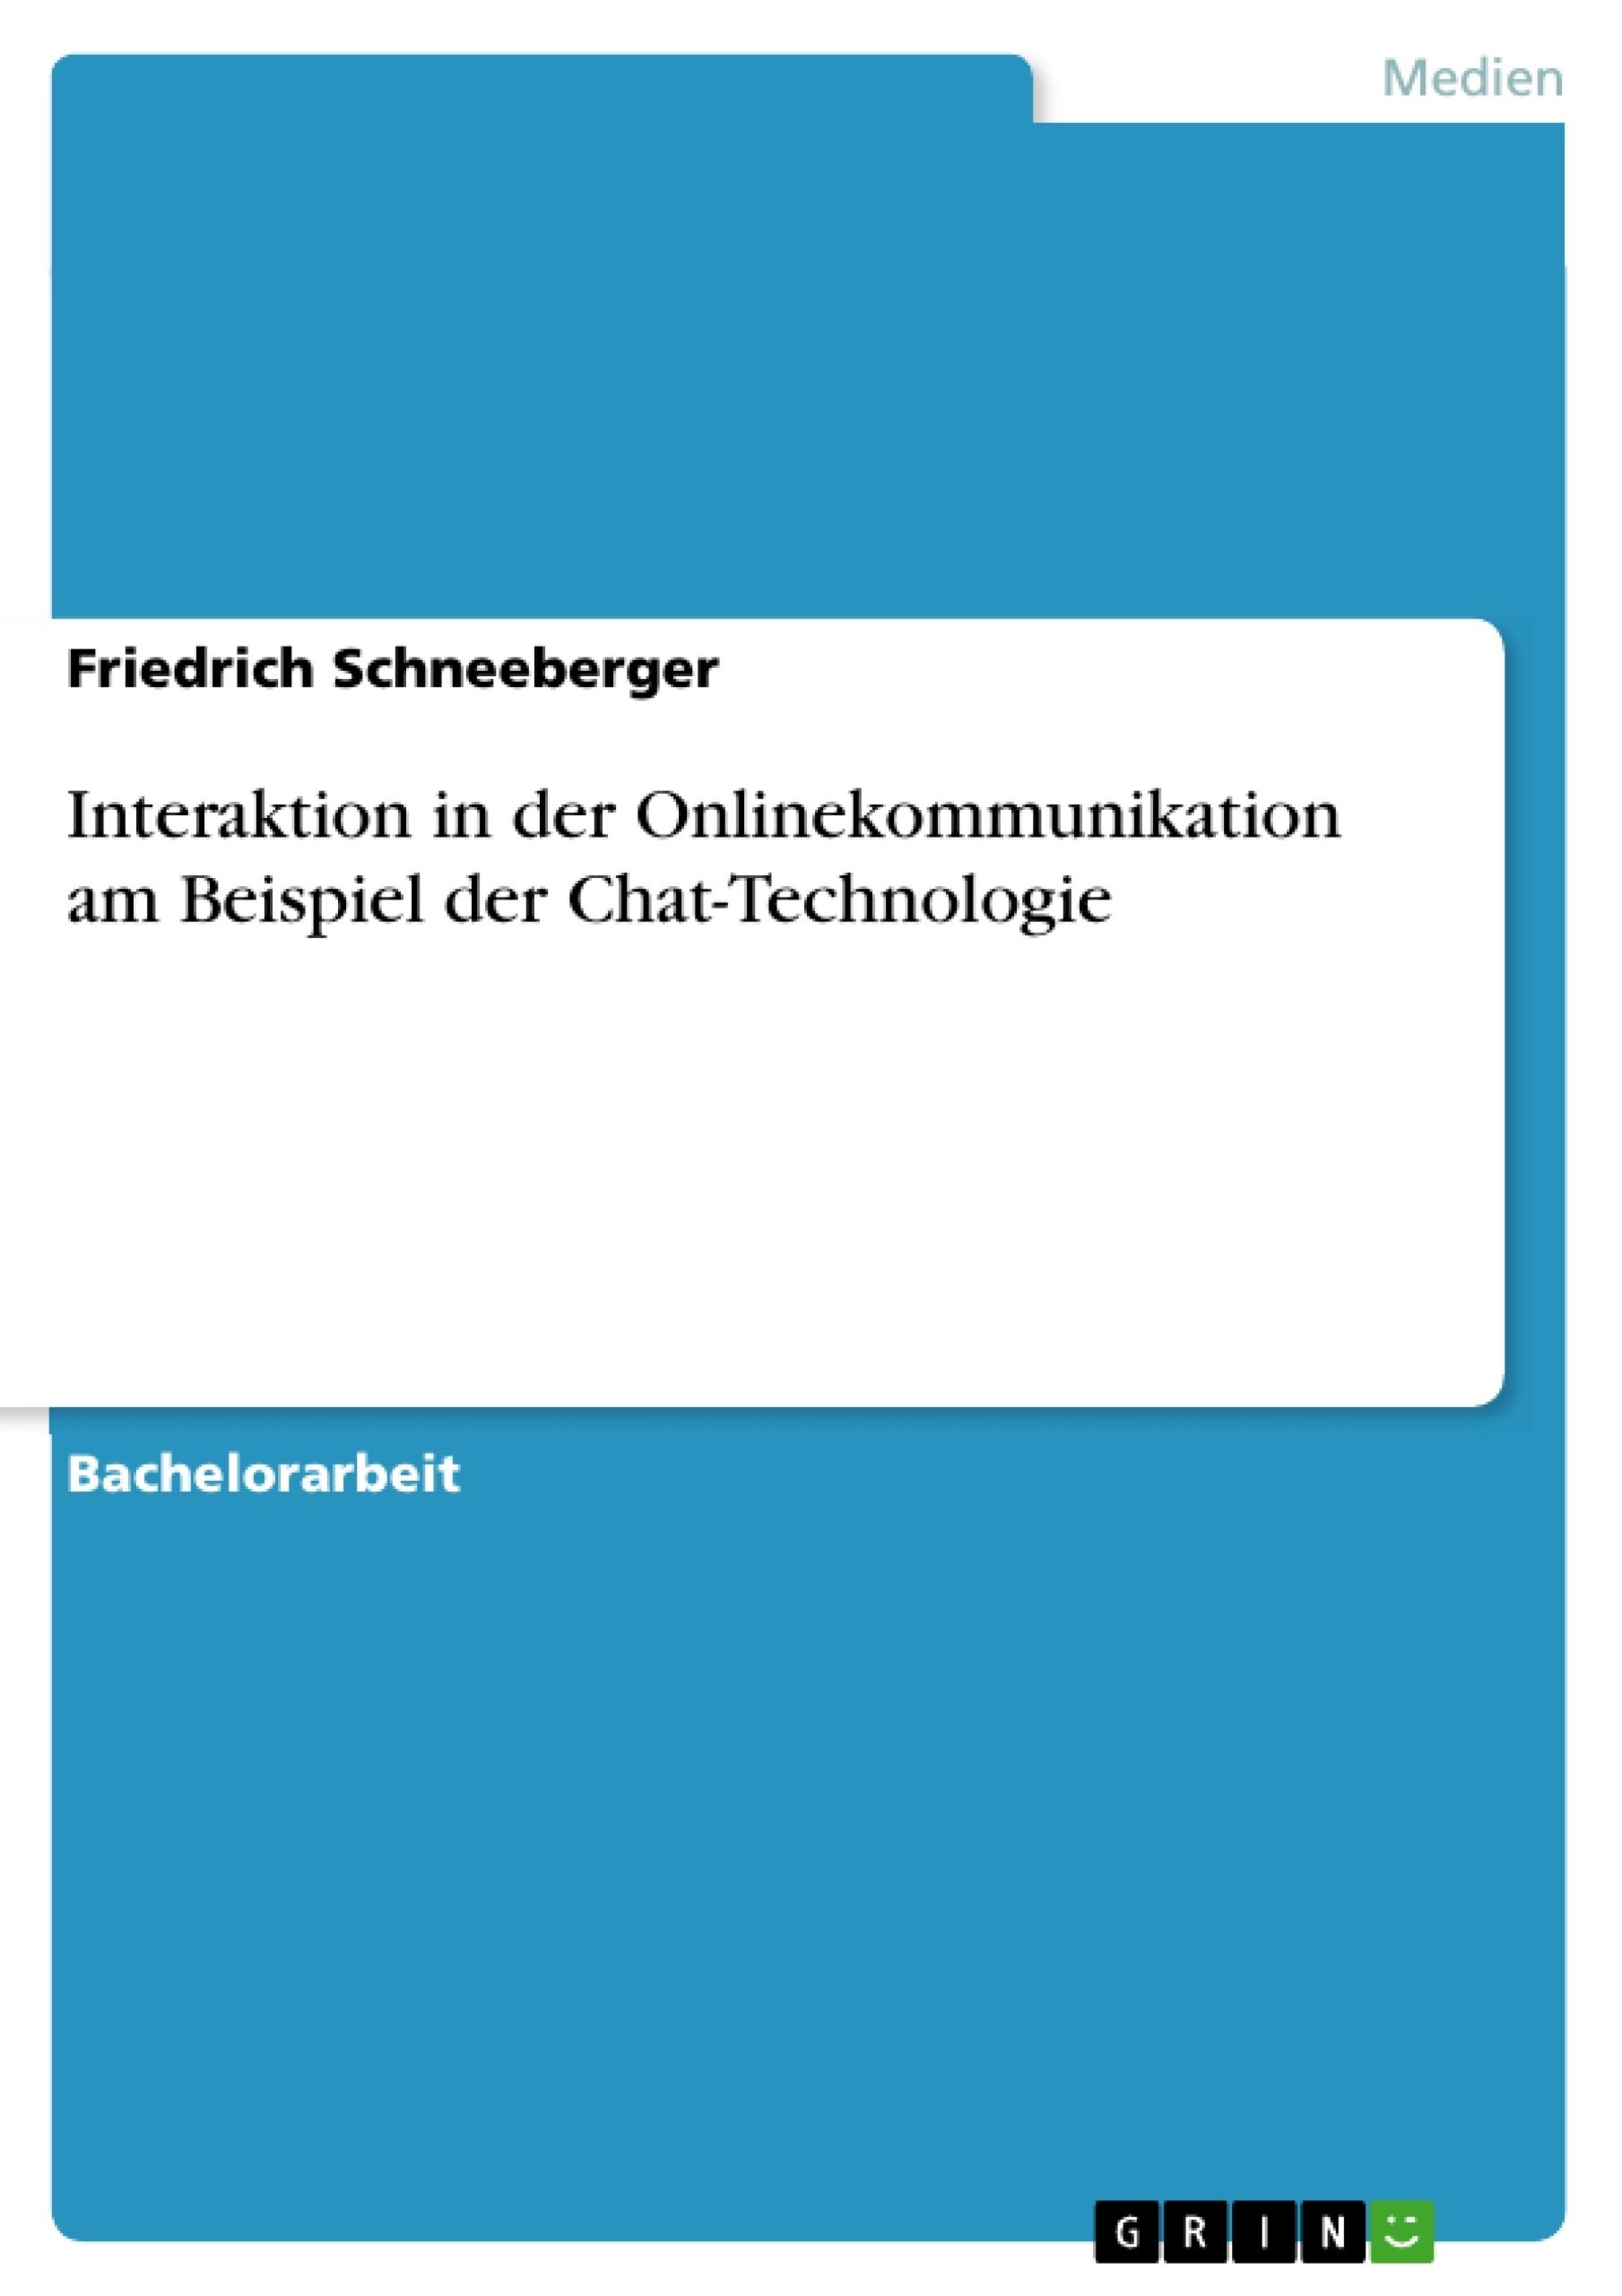 Titel: Interaktion in der Onlinekommunikation am Beispiel der Chat-Technologie